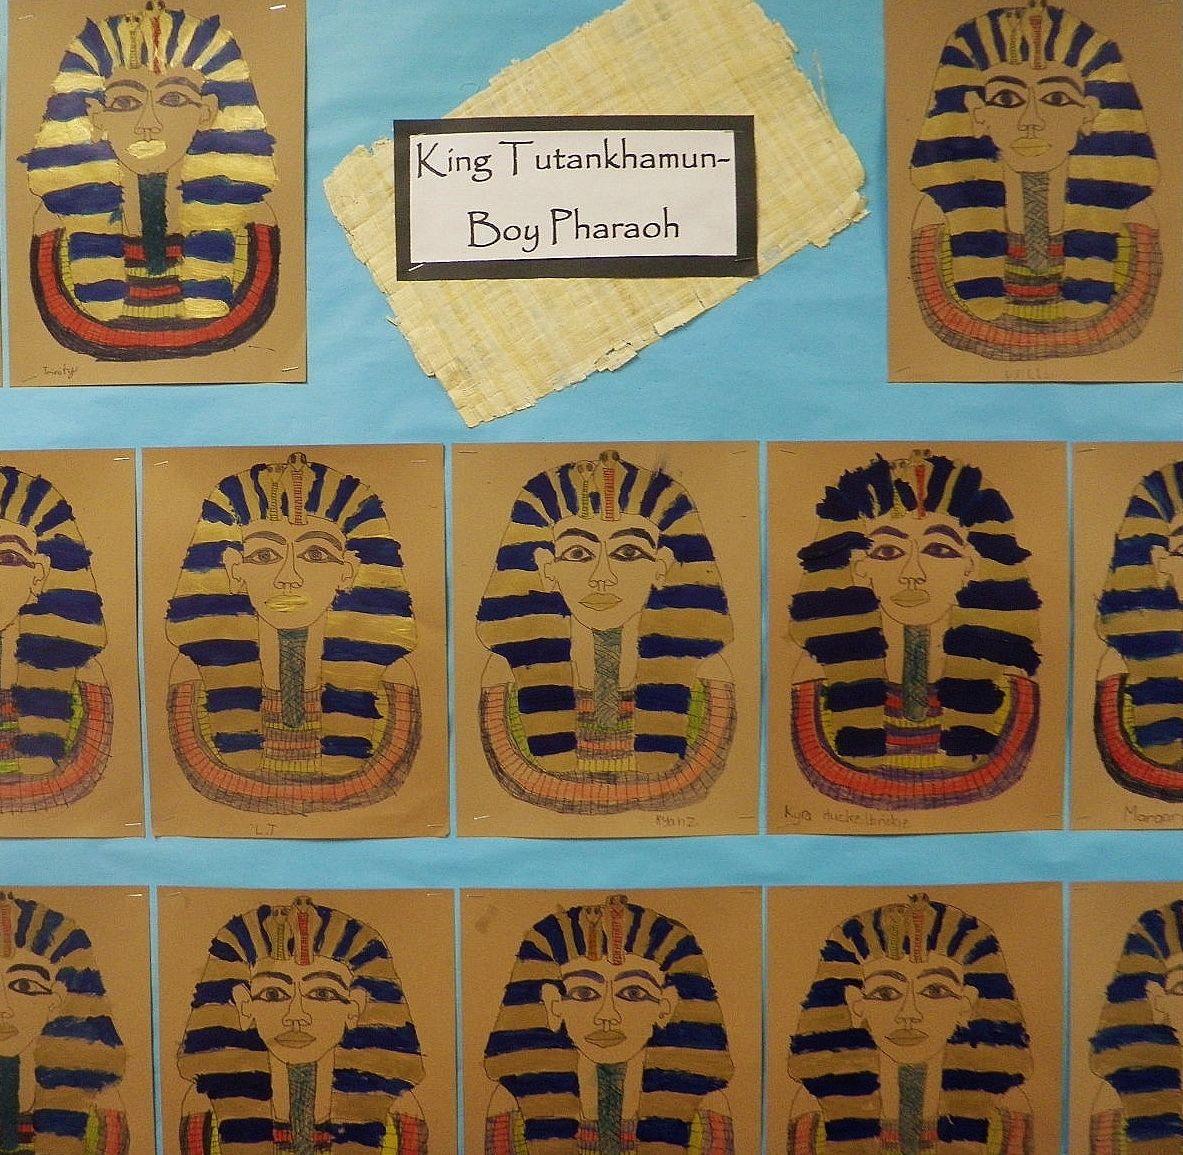 Pin By Nancy Mills On Art Class Projects Ancient Egypt Art Ancient Egypt Crafts Ancient Egypt Projects [ 1155 x 1183 Pixel ]